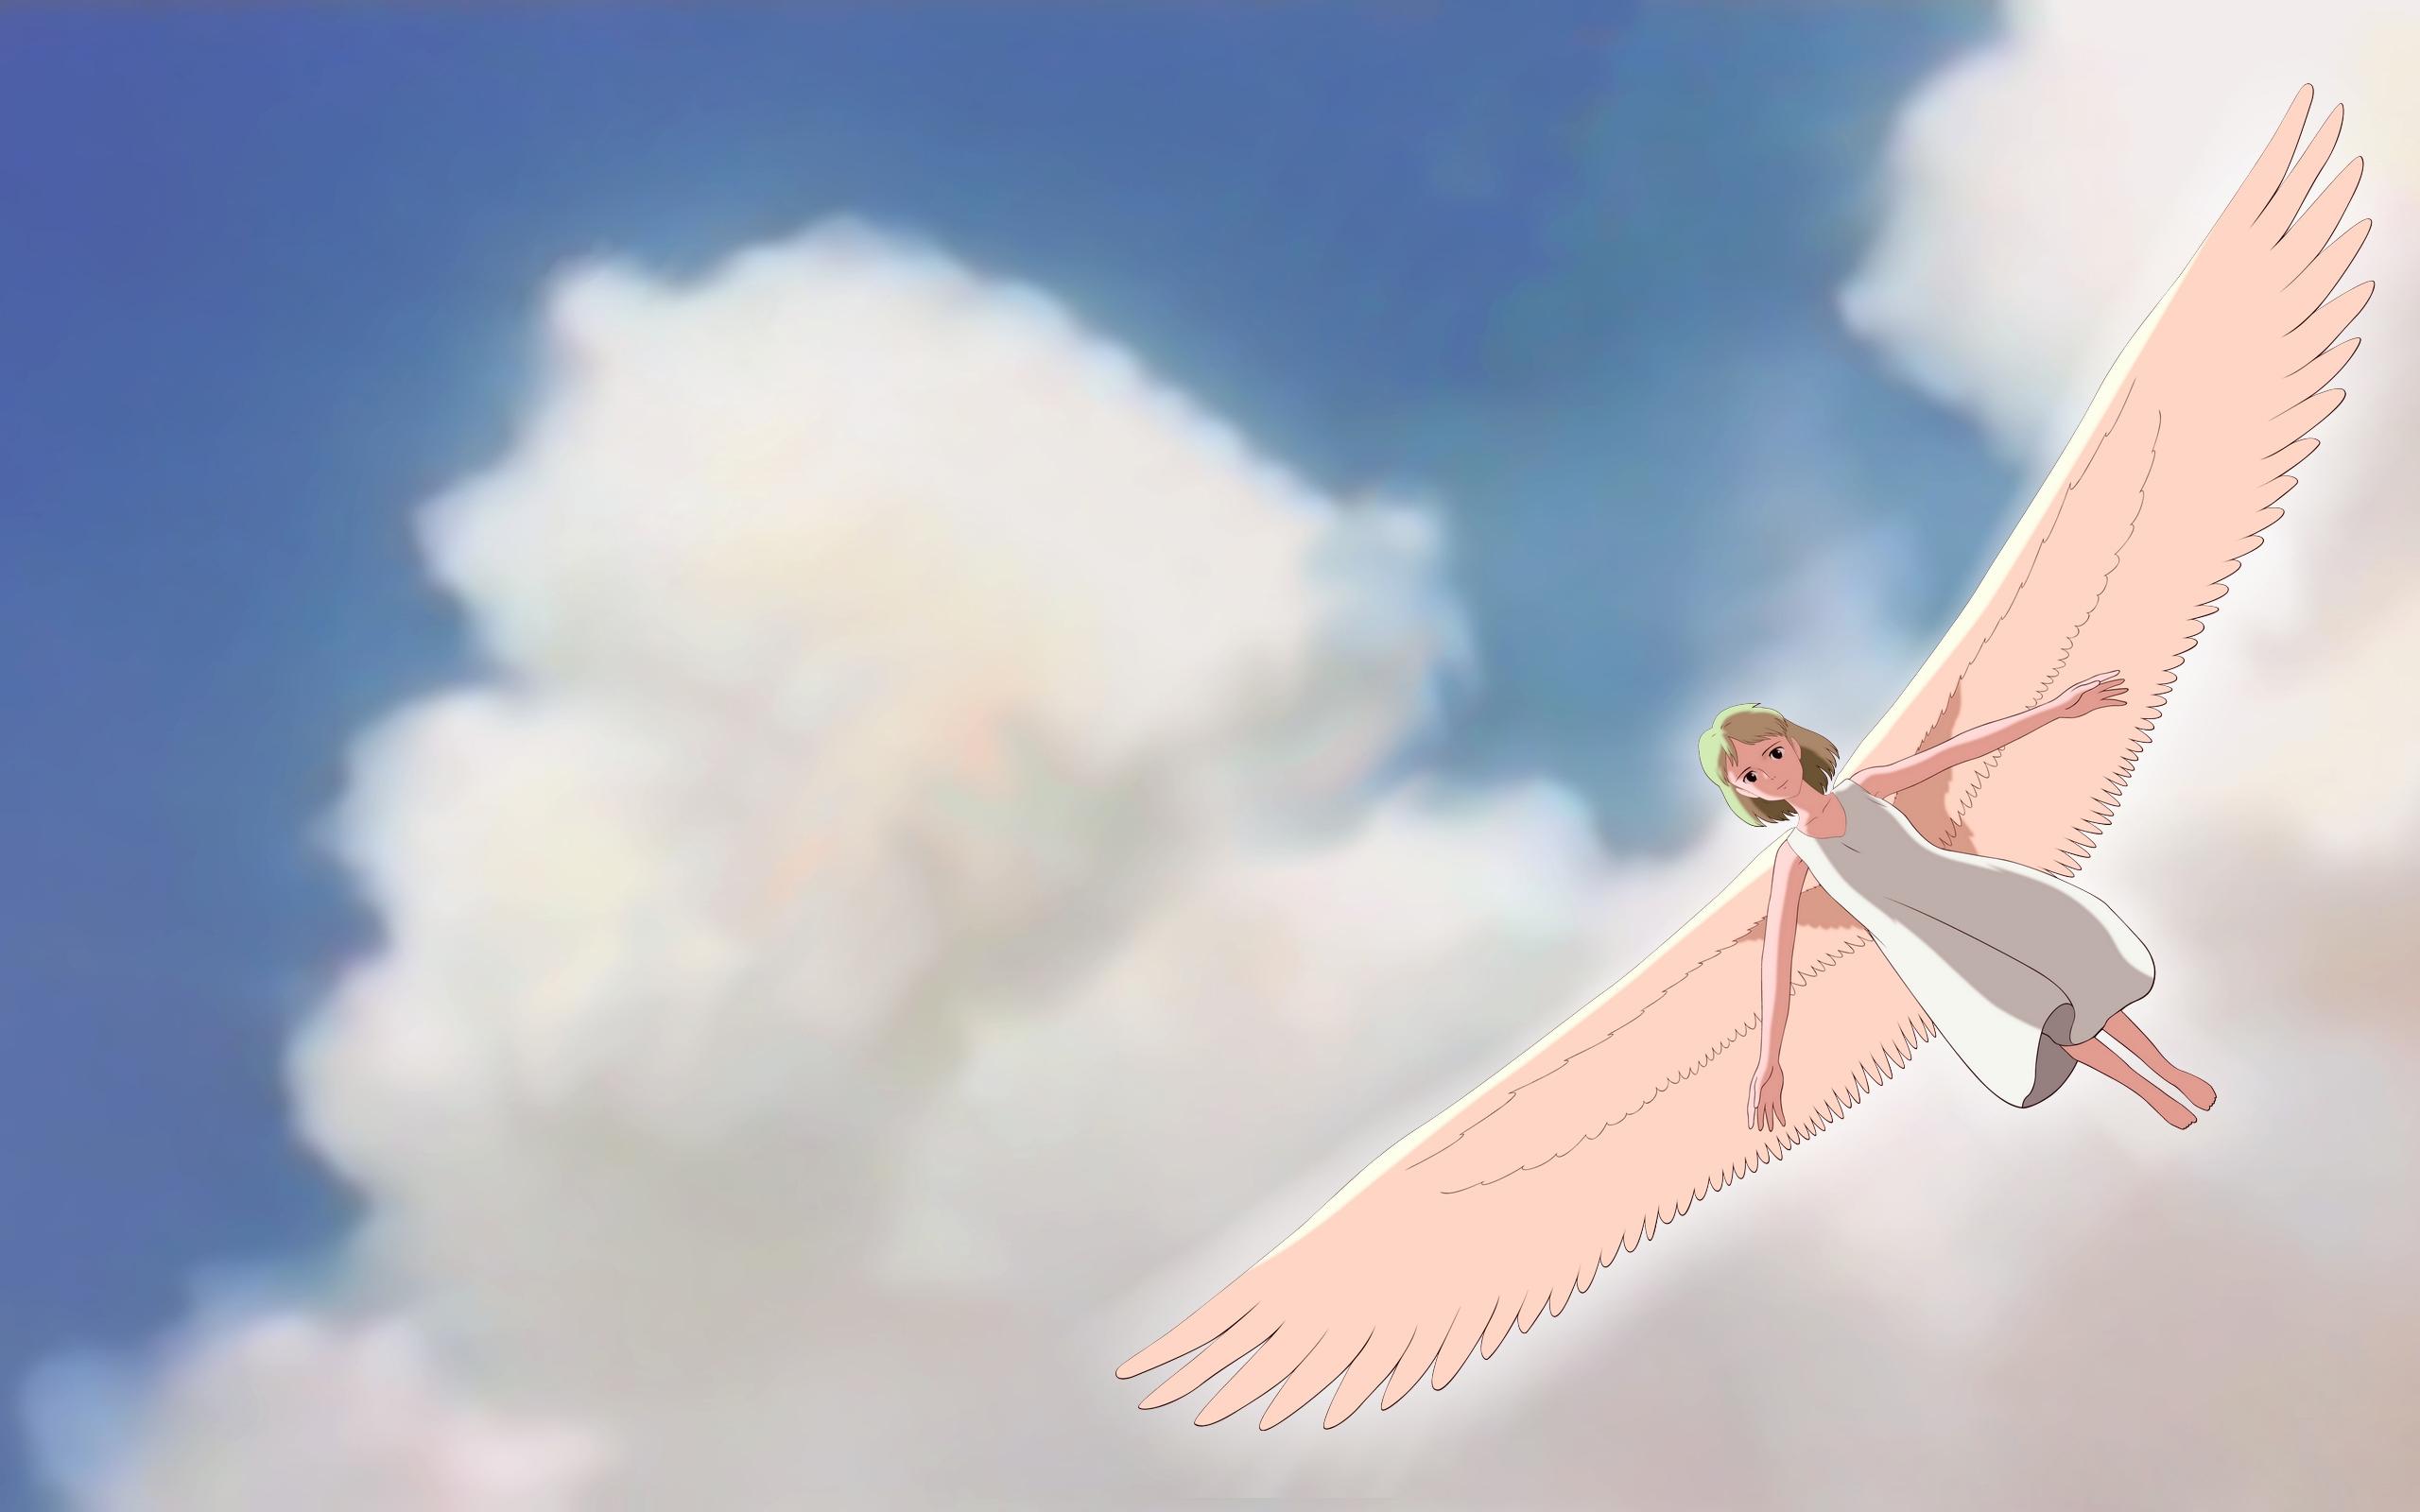 Studio Ghibli Computer Wallpapers Desktop Backgrounds 2560x1600 2560x1600